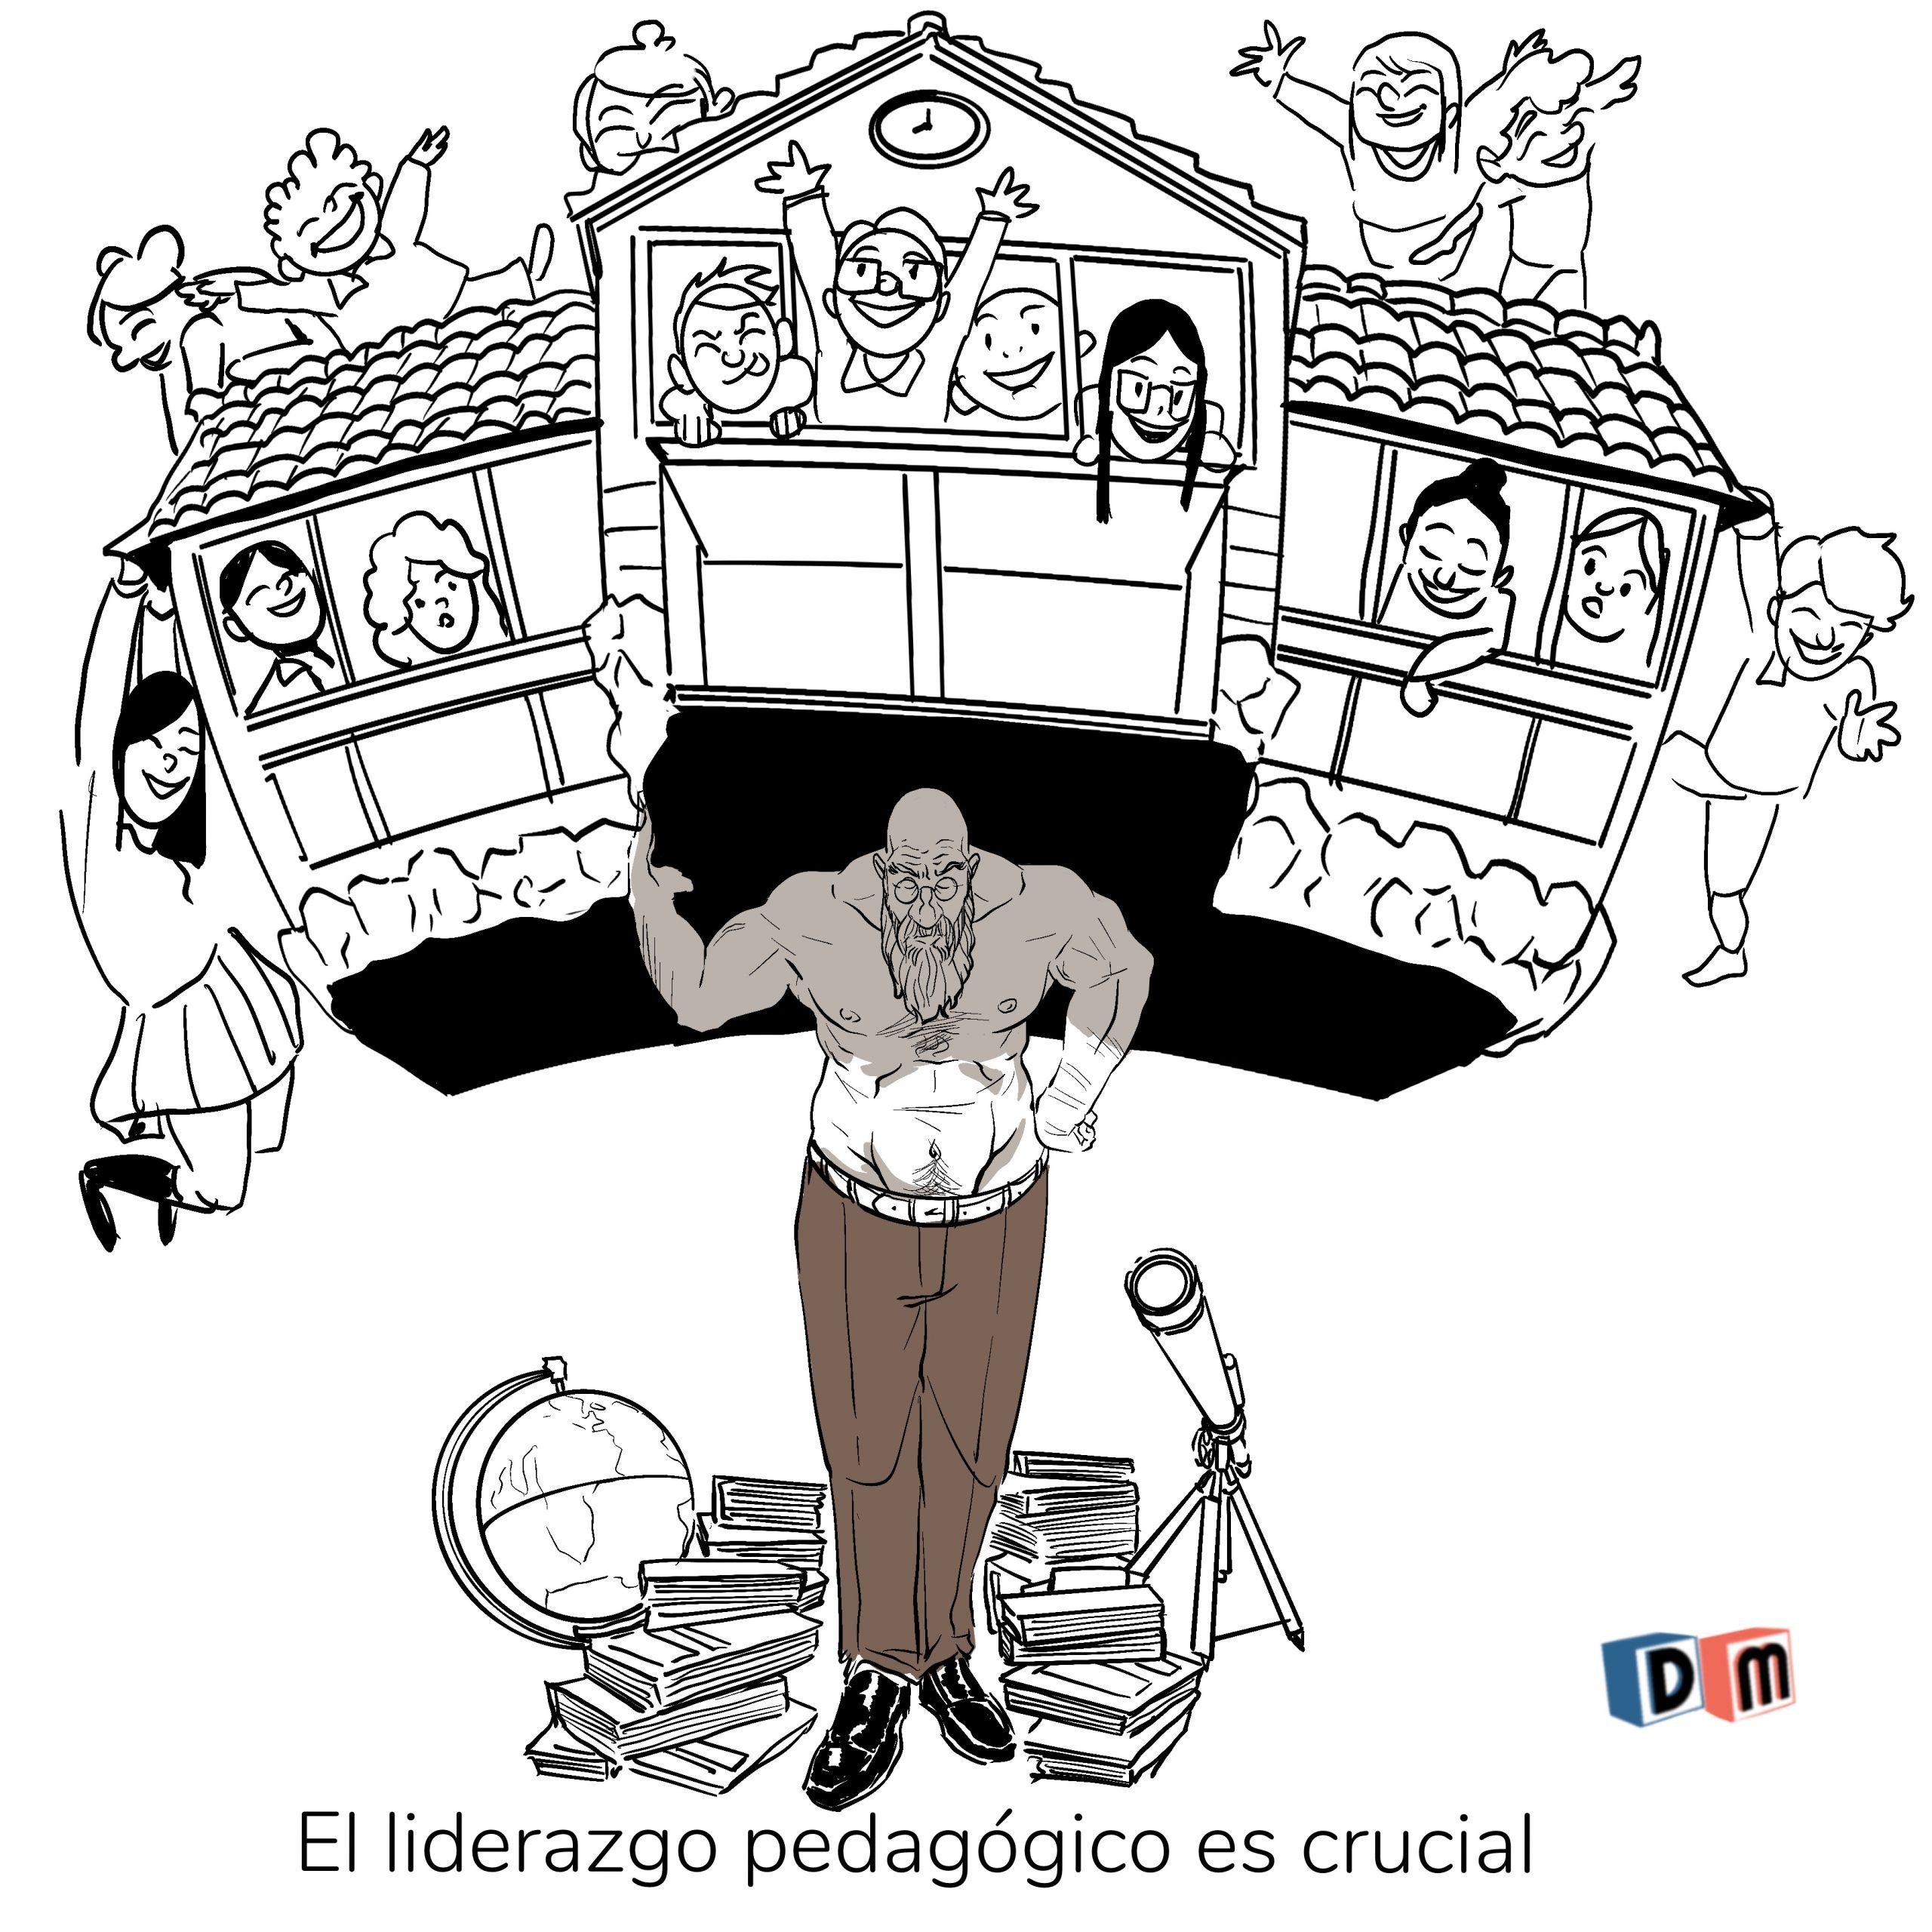 David Mora_Viñeta 33_El liderazgo pedagógico en crucial